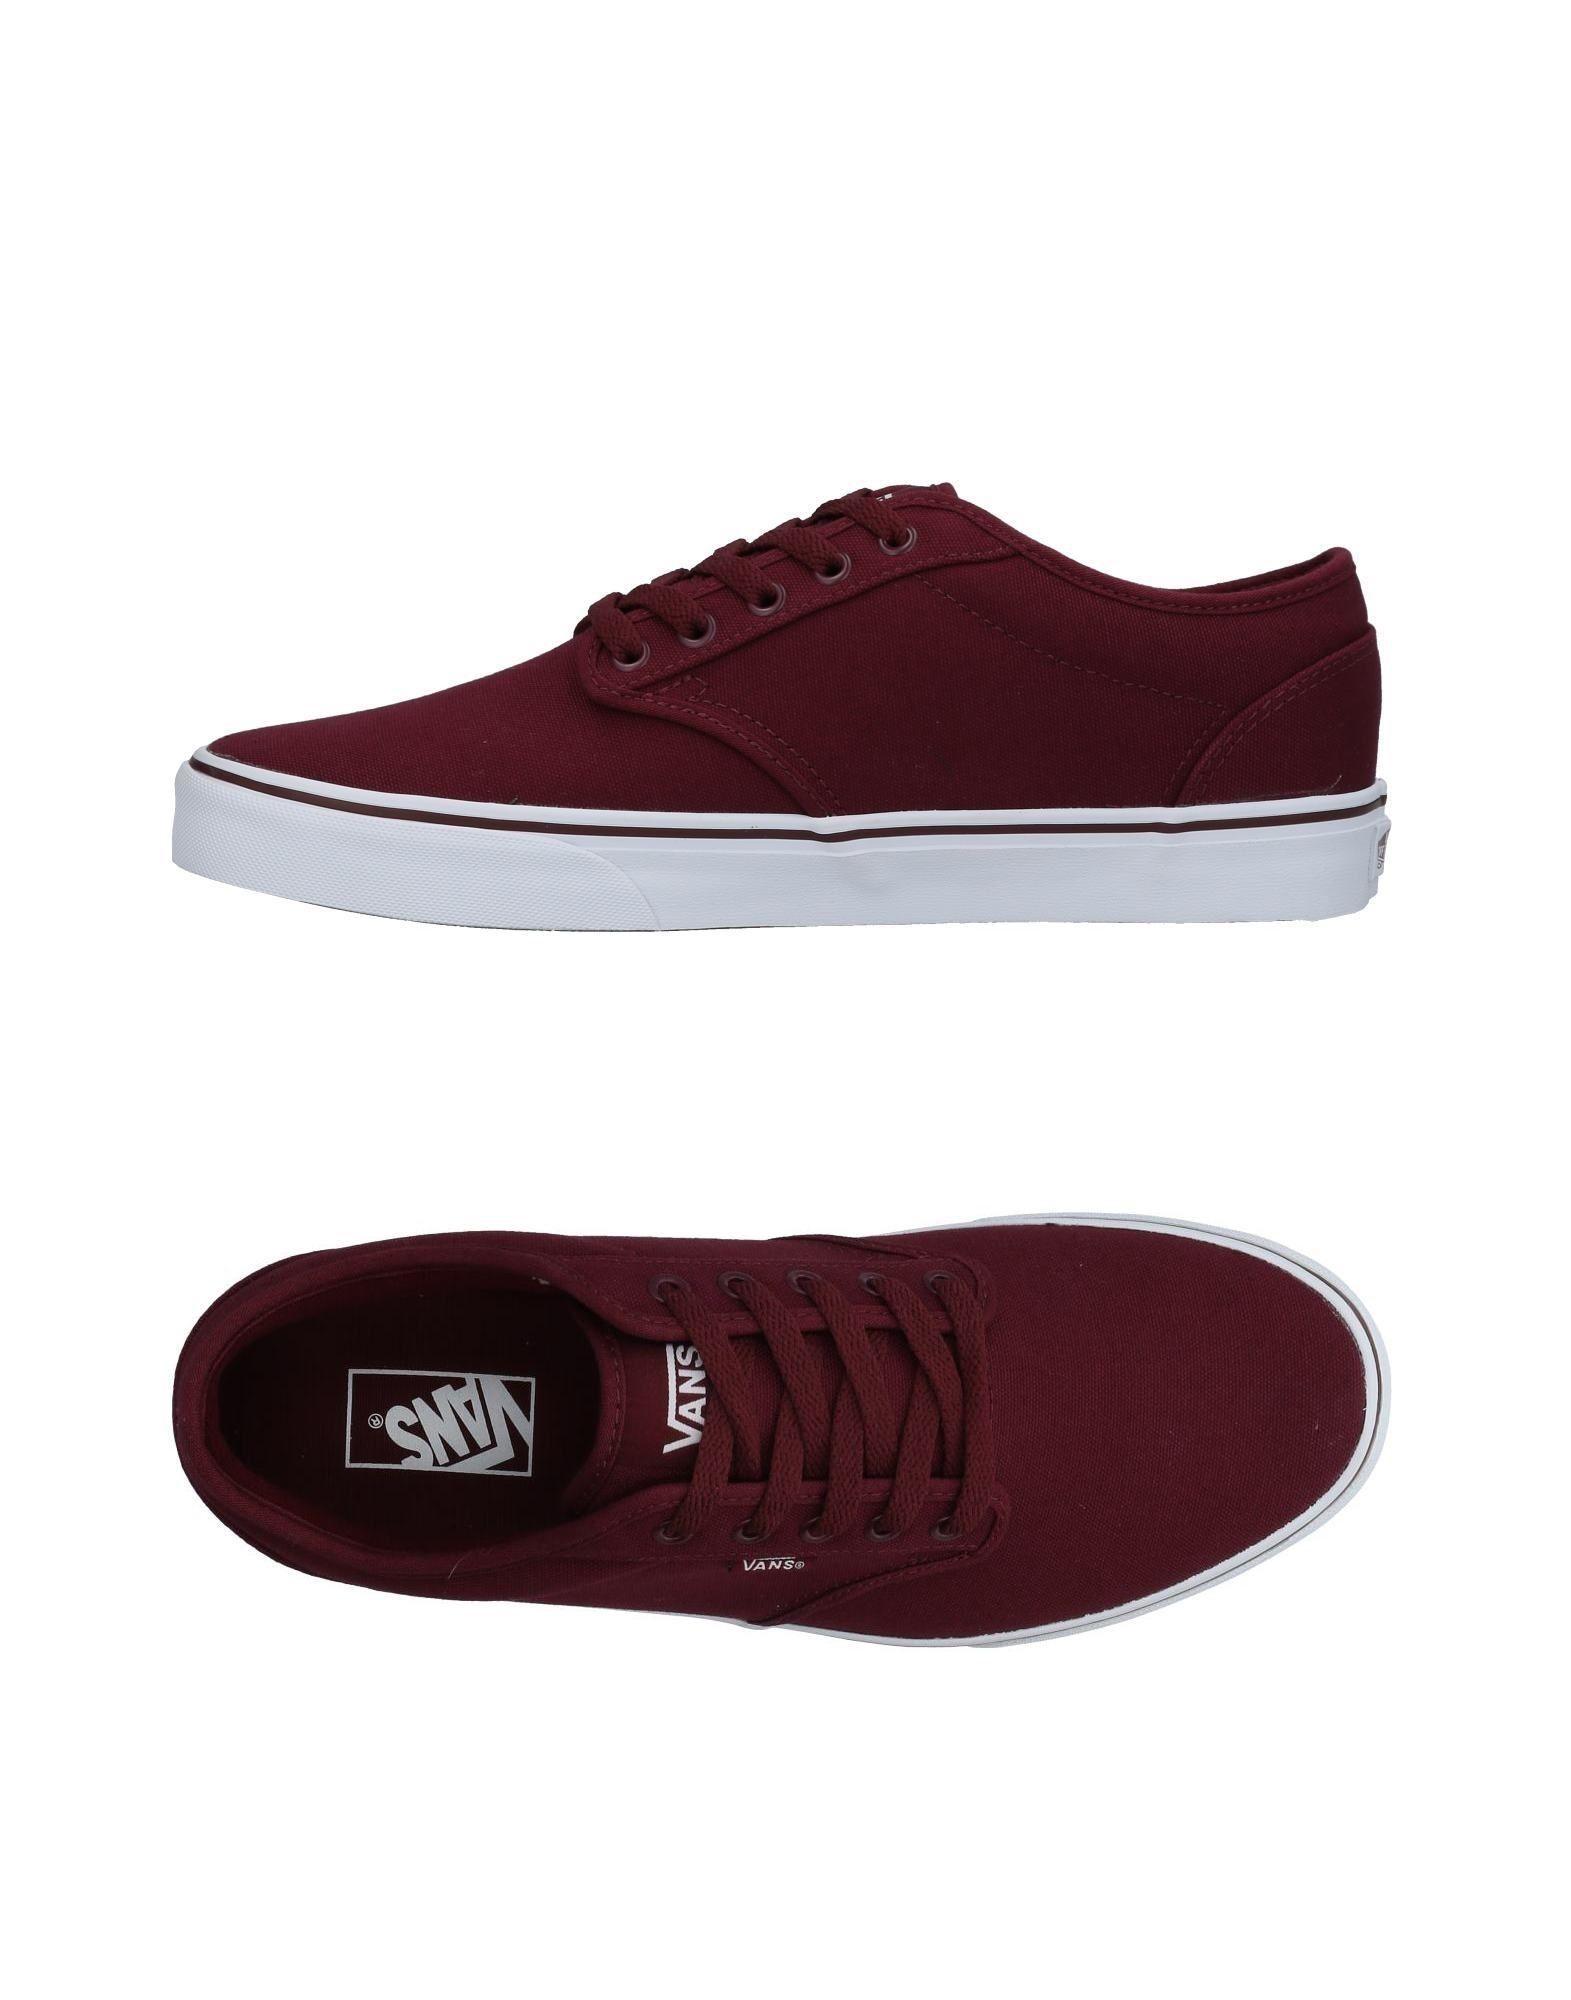 Vans Sneakers In Maroon